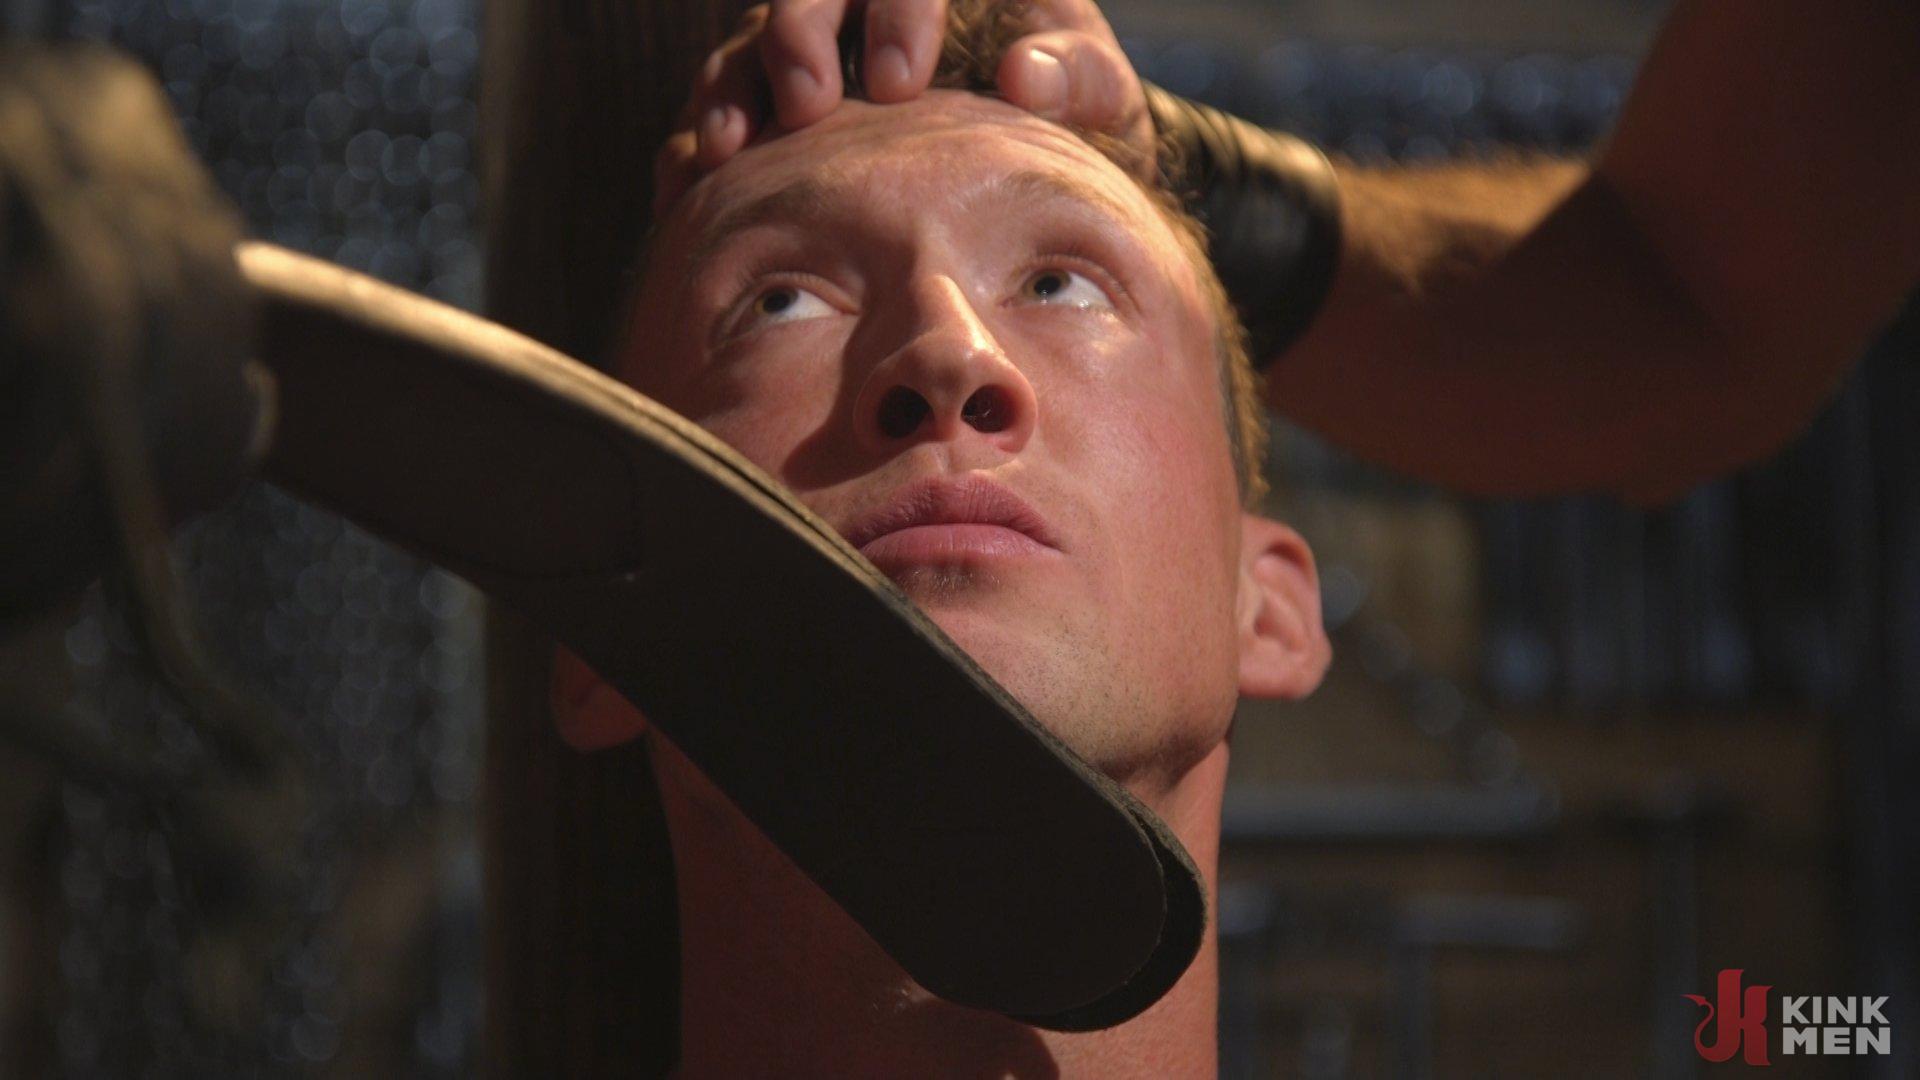 homoseksuel slave træning